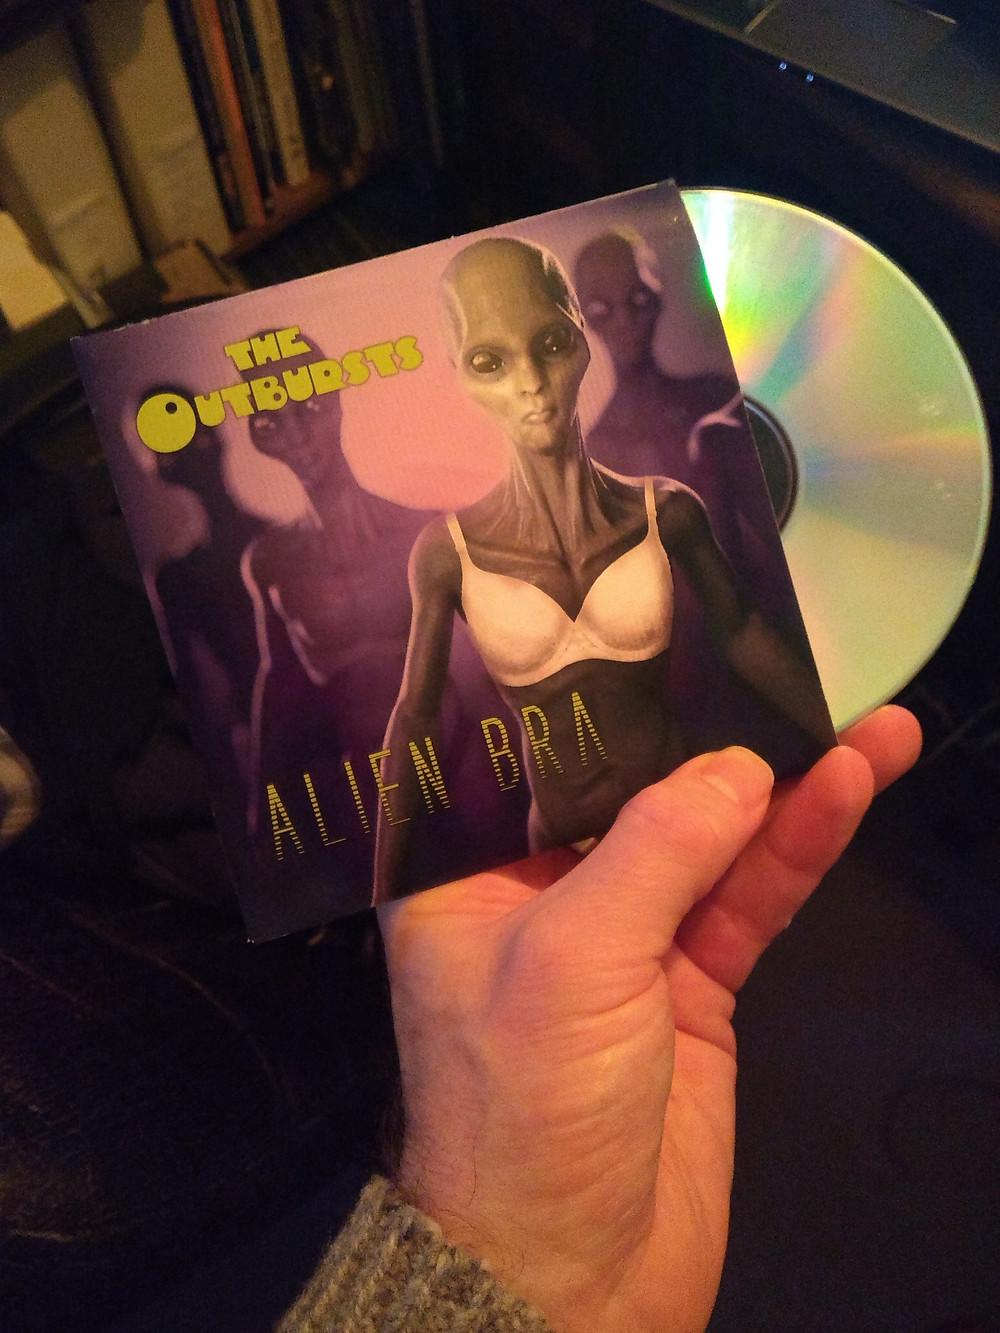 Alien Bra CD!